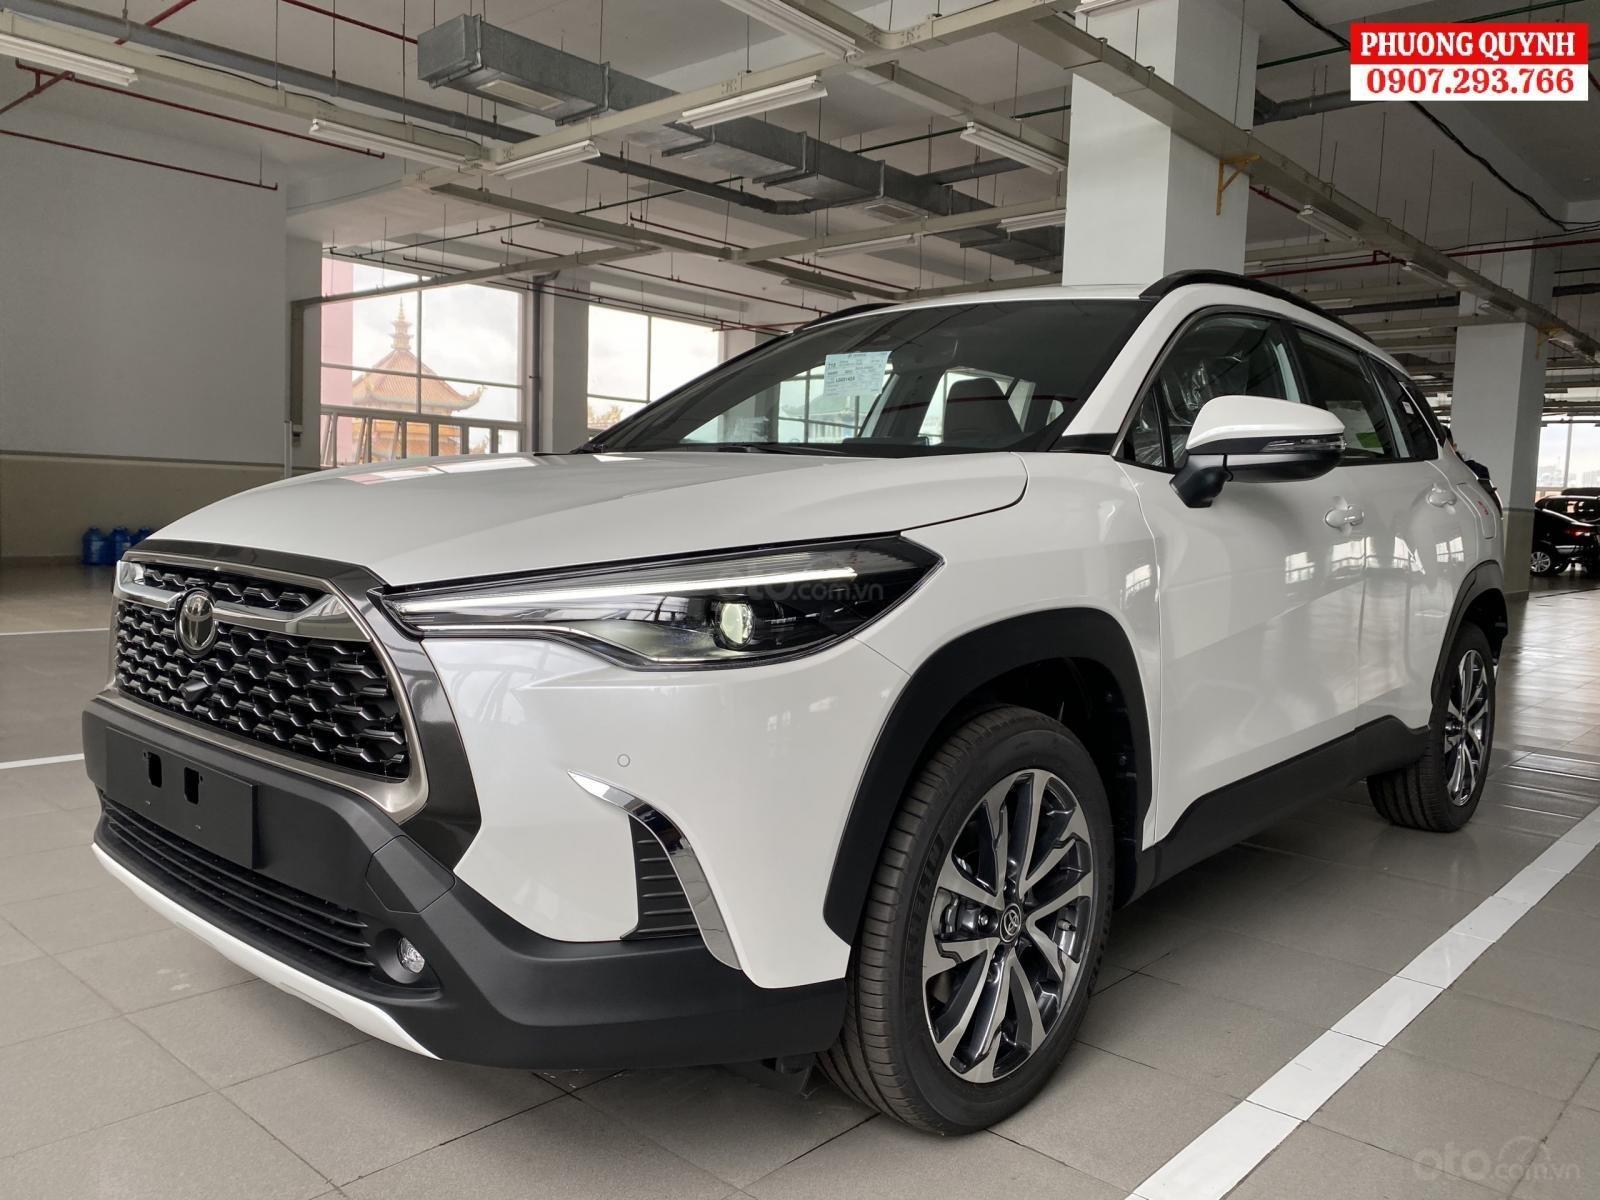 Toyota Corolla Cross 2020 giao xe ngay, nhiều ưu đãi (1)